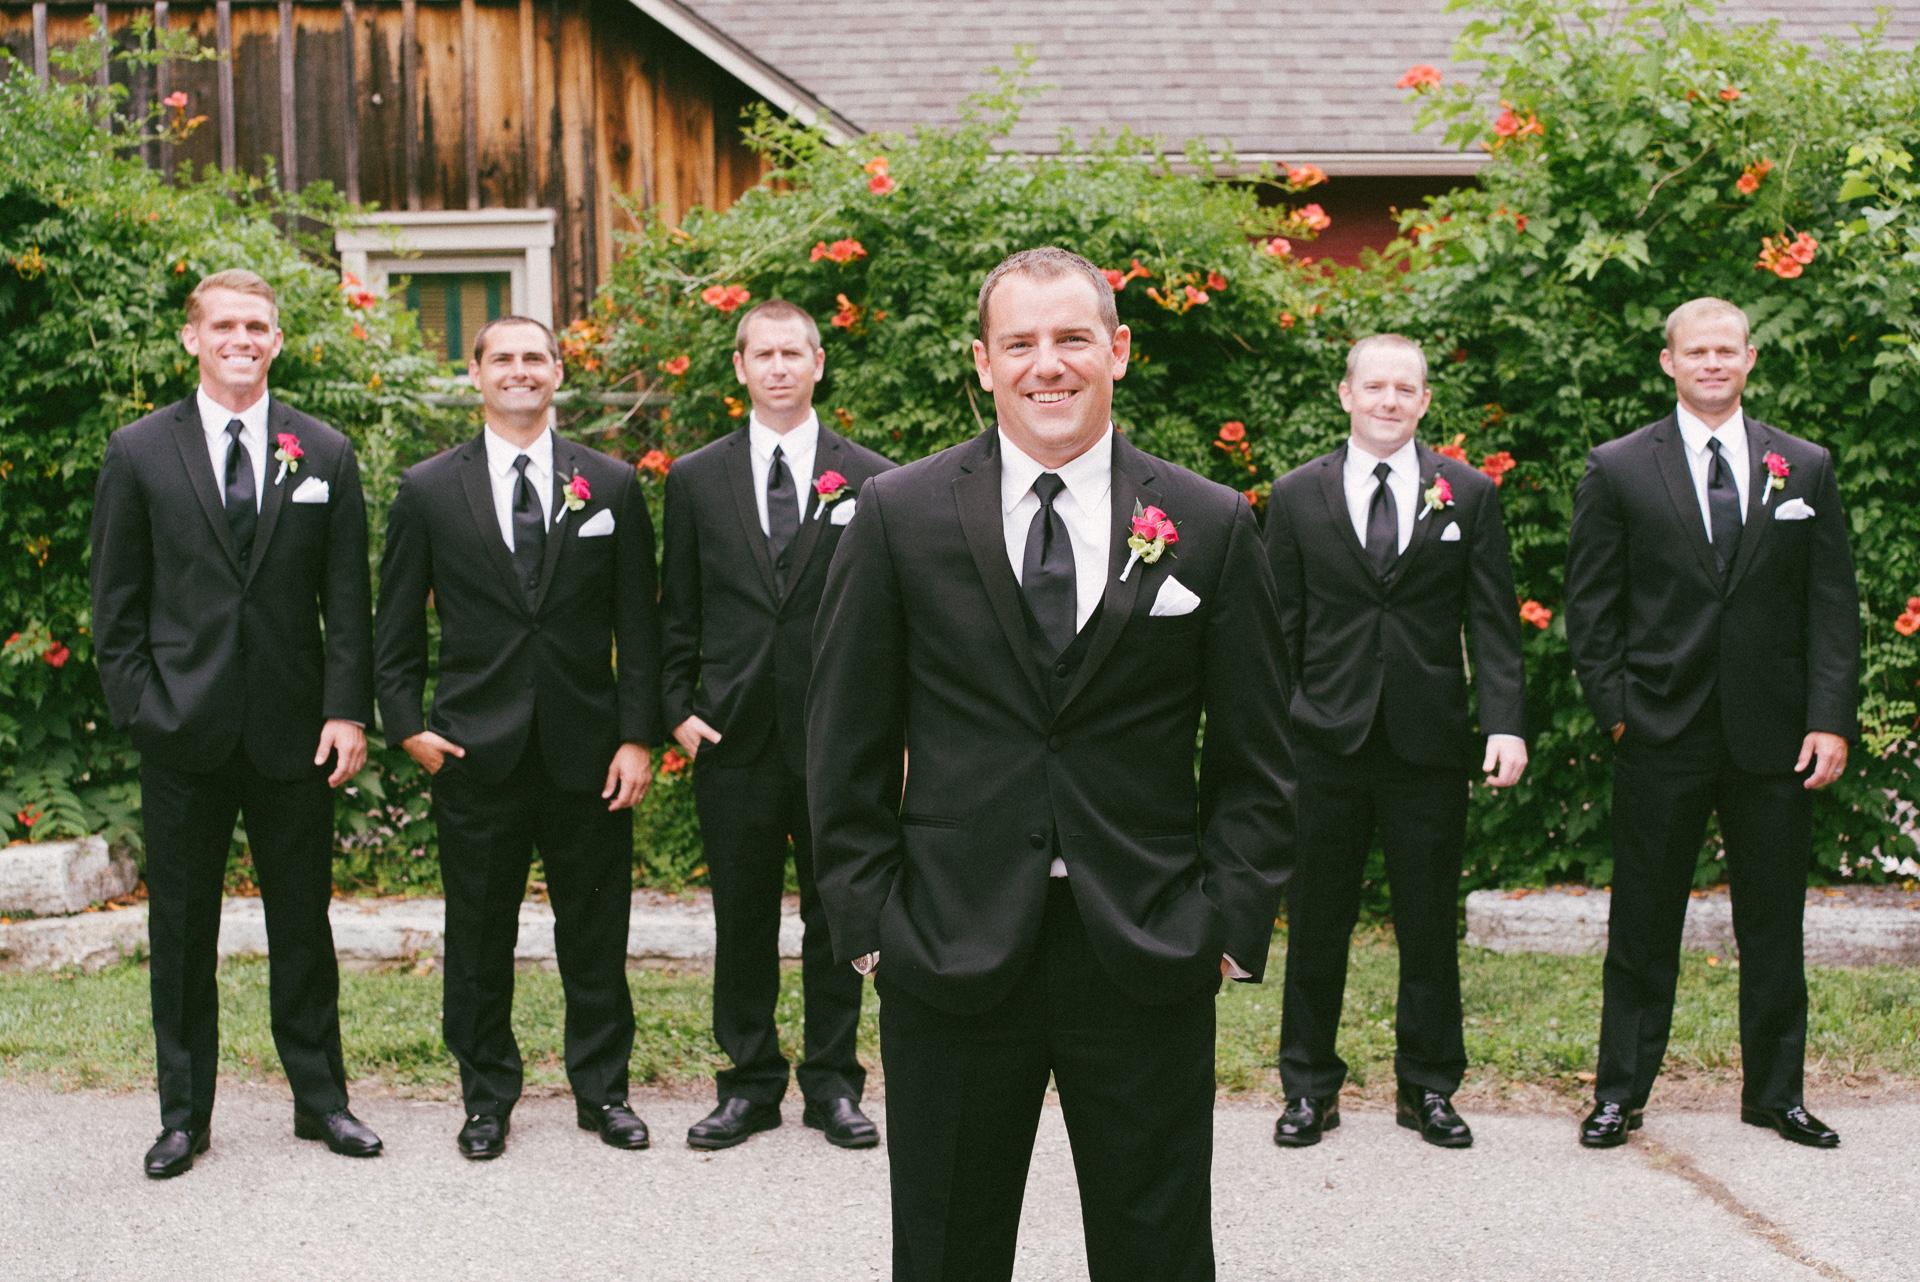 Dayton Wedding Photographer - Groom and Groomsmen